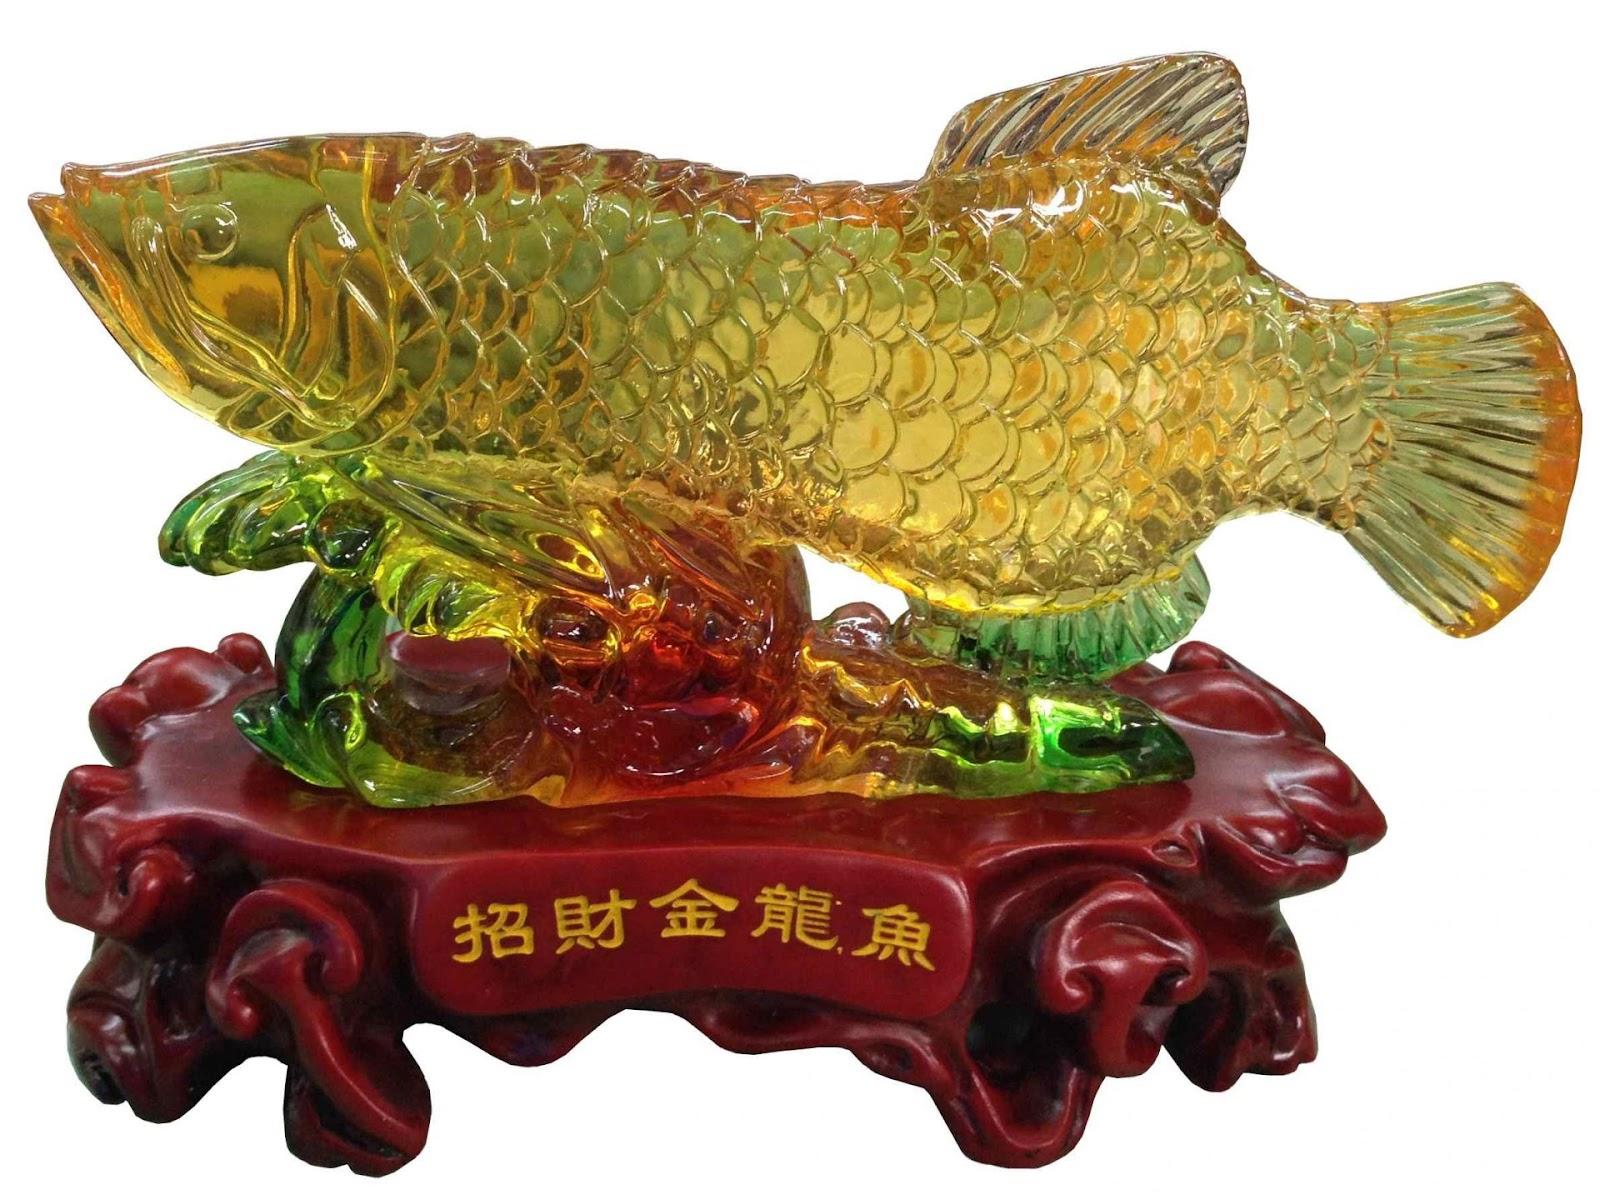 Ý nghĩa của vật phẩm phong thủy cá chép